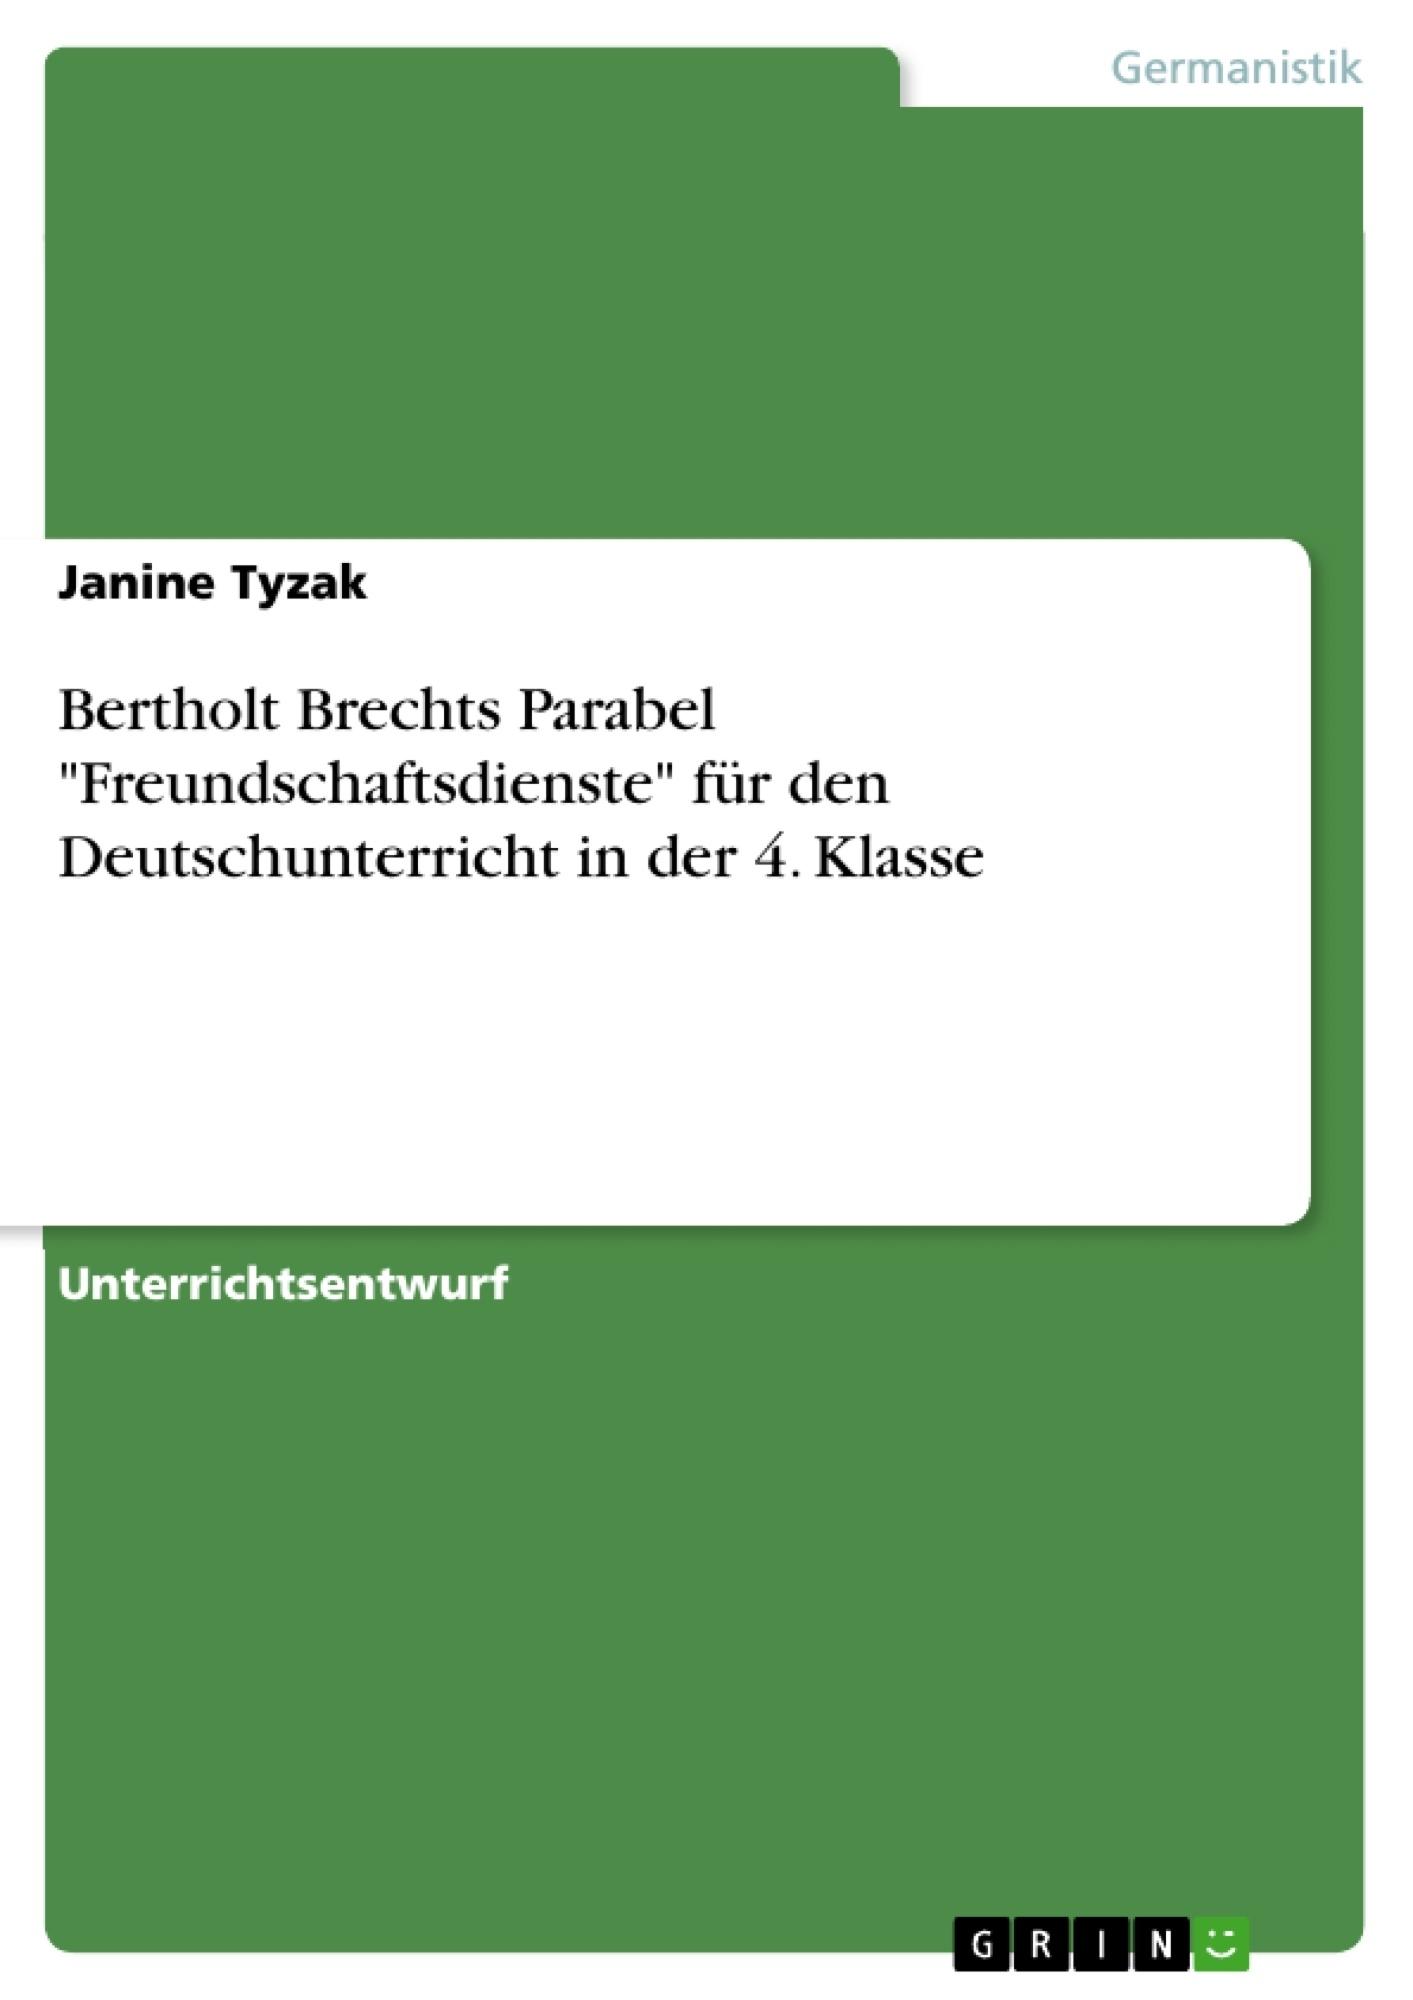 """Titel: Bertholt Brechts Parabel """"Freundschaftsdienste"""" für den Deutschunterricht in der 4. Klasse"""